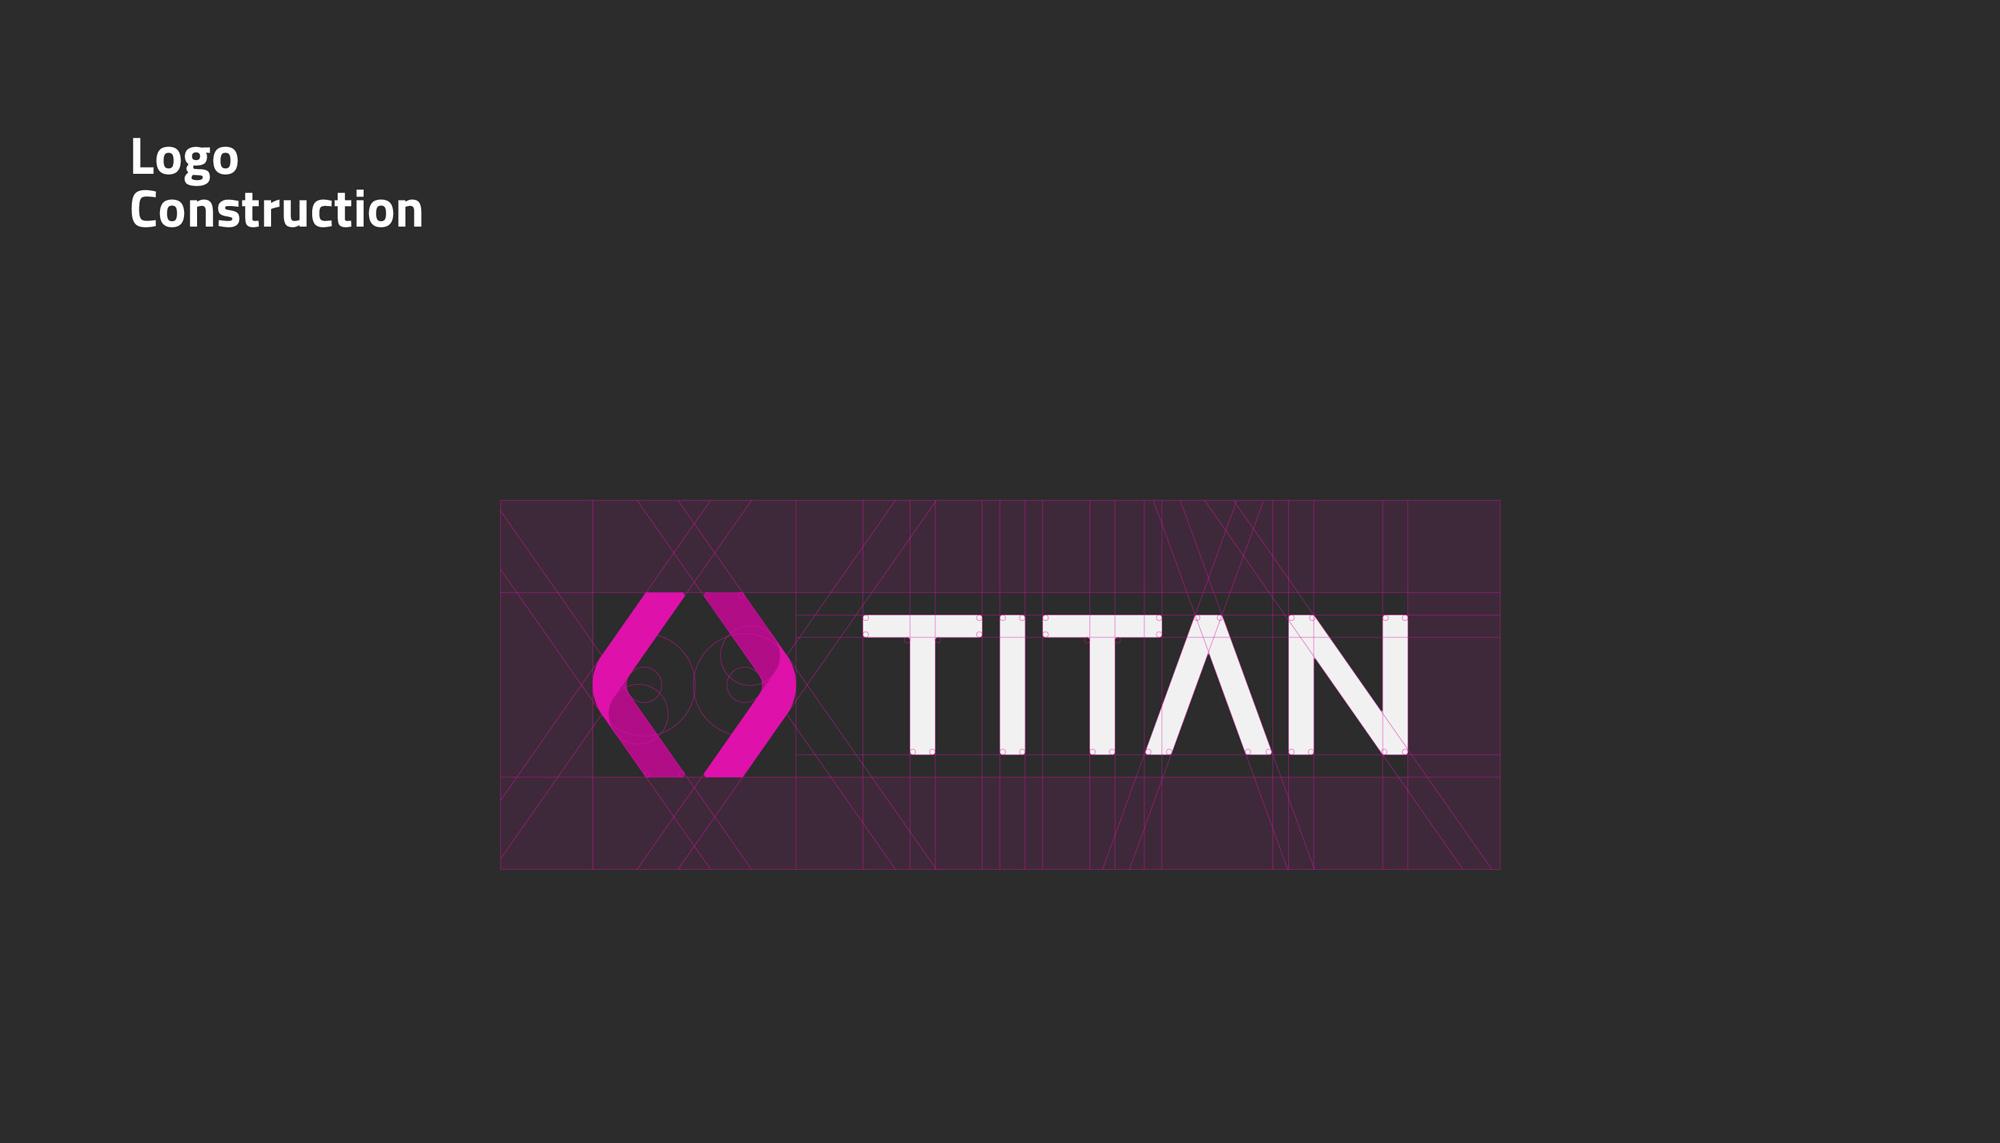 TITAN - Logo Construction